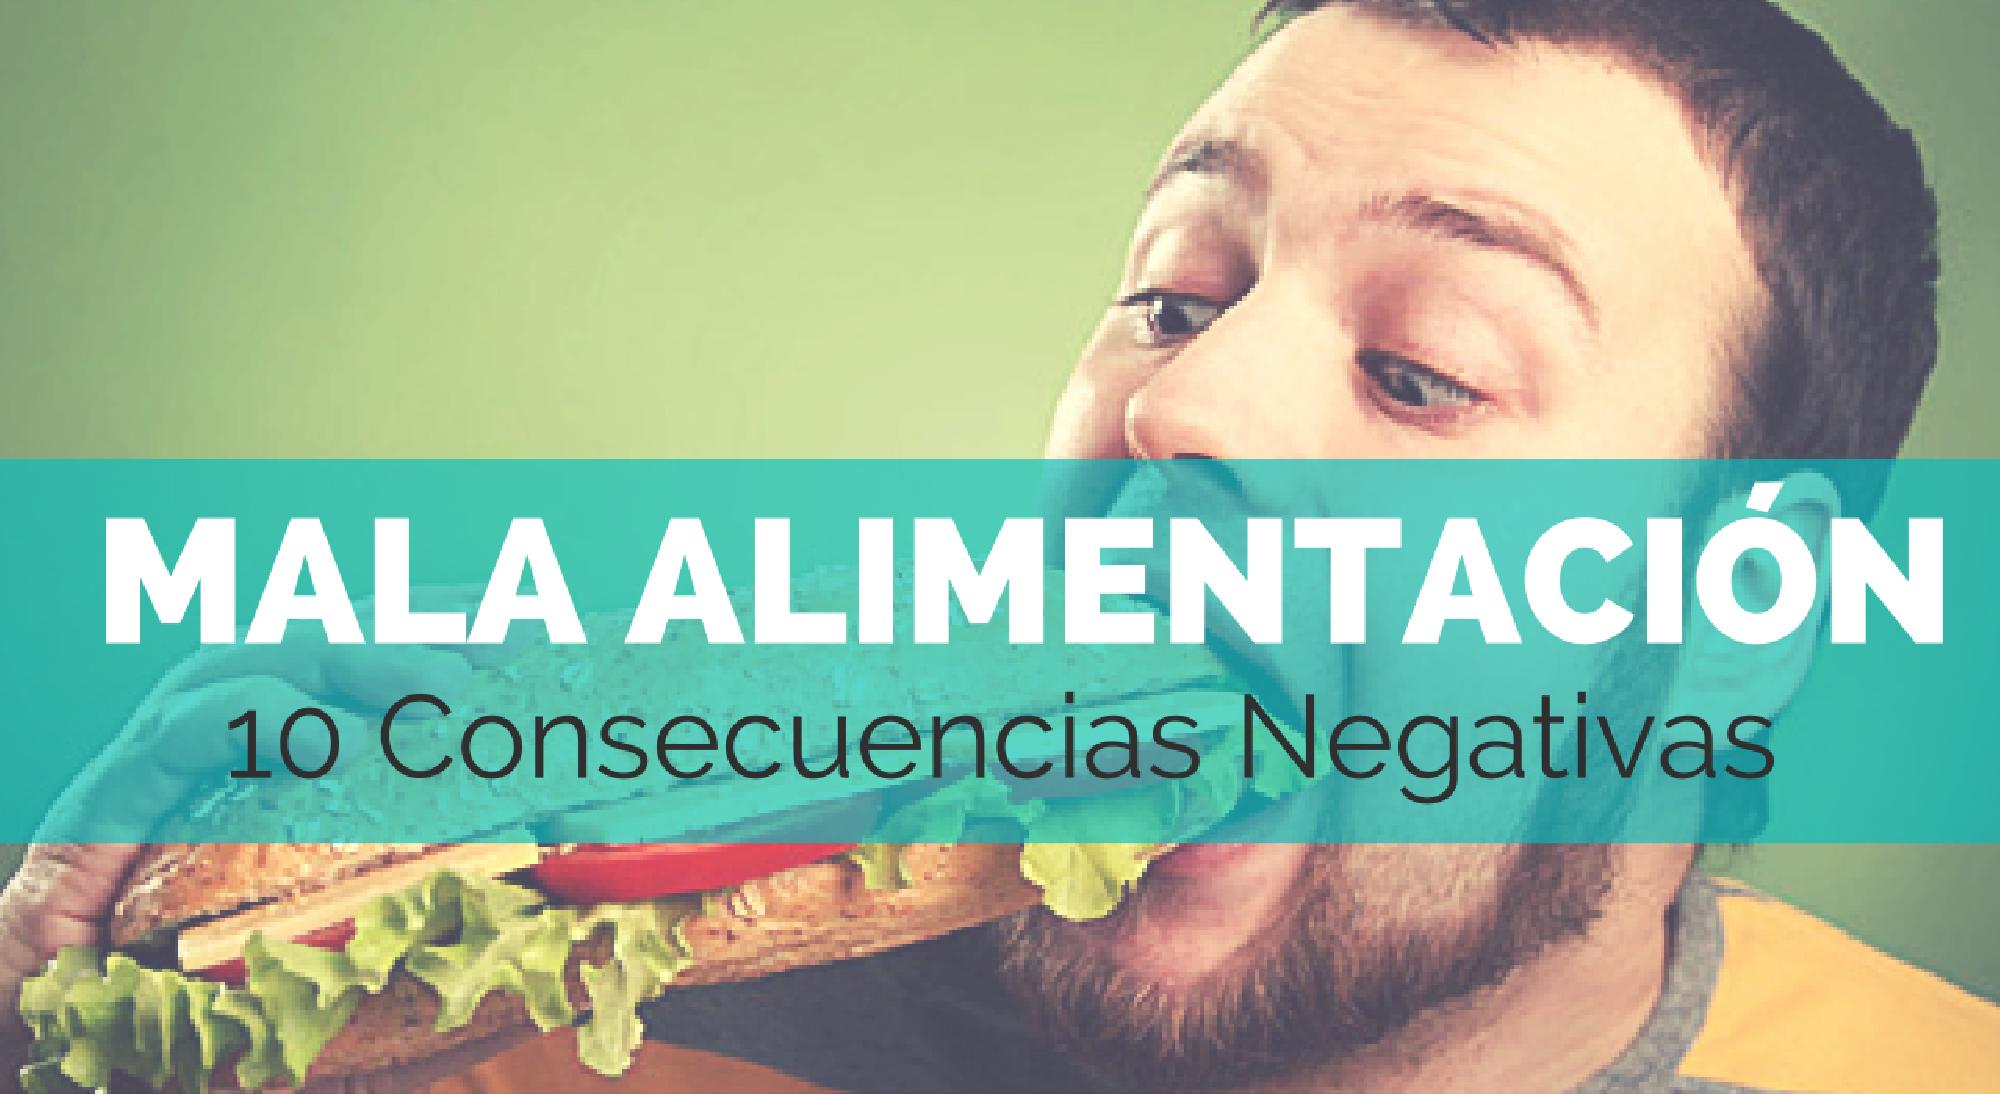 ENTRENA-SALUD-10-consecuencias-inmediatas-de-tu-mala-alimentación-que-limitarán-tu-vida